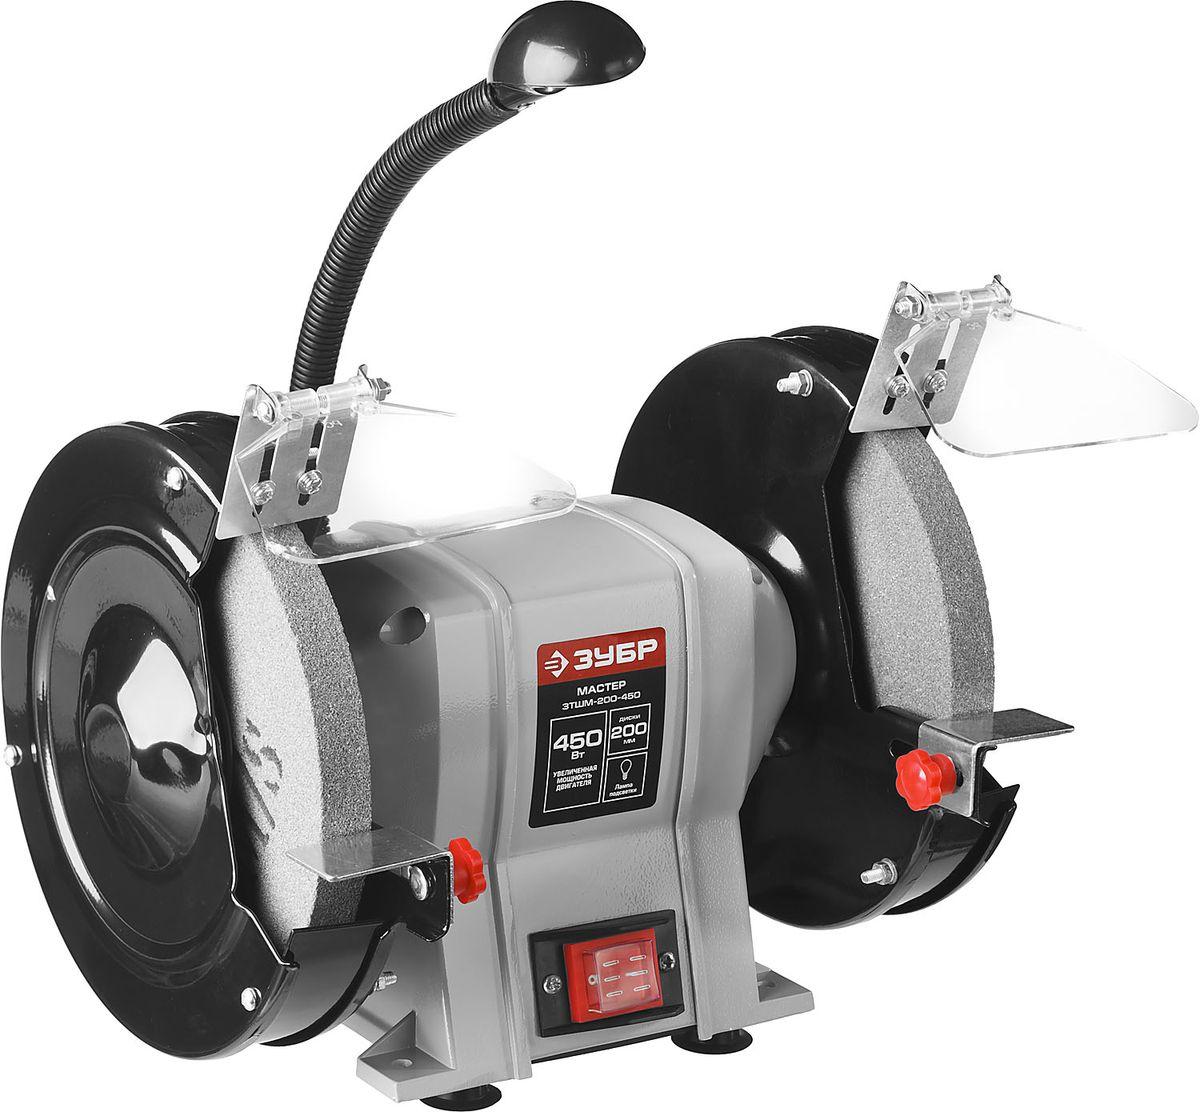 Станок точильный двойной ЗУБР 450 Вт.ЗТШМ-200-450ЗТШМ-200-450Точильный станок предназначен для заточки и шлифовки металлических заготовок и режущего инструмента. Простота конструкции, высокая надежность, компактный размер, два камня с разной зернистостью. Два диска разной зернистости для любых работ. Асинхронный двигатель, не требующий обслуживания весь срок службы. Прозрачные экраны для защиты оператора от продуктов обработки. Пылезащищенный выключатель для беспроблемной эксплуатации. Возможность крепления к опорной поверхности. Регулируемый упор для инструмента.В комплект поставки входит:Станок точильный - 1 шт.Камень точильный (установлен) - 2шт.Защитный экран - 2 компл.Упор - 2 компл.Лампа - 1 шт.Руководство по эксплуатации - 1 экз.Станок точильный двойной, ЗУБР ЗТШМ-200-450, D200х20хd32мм, лампа подсветки, 450Вт